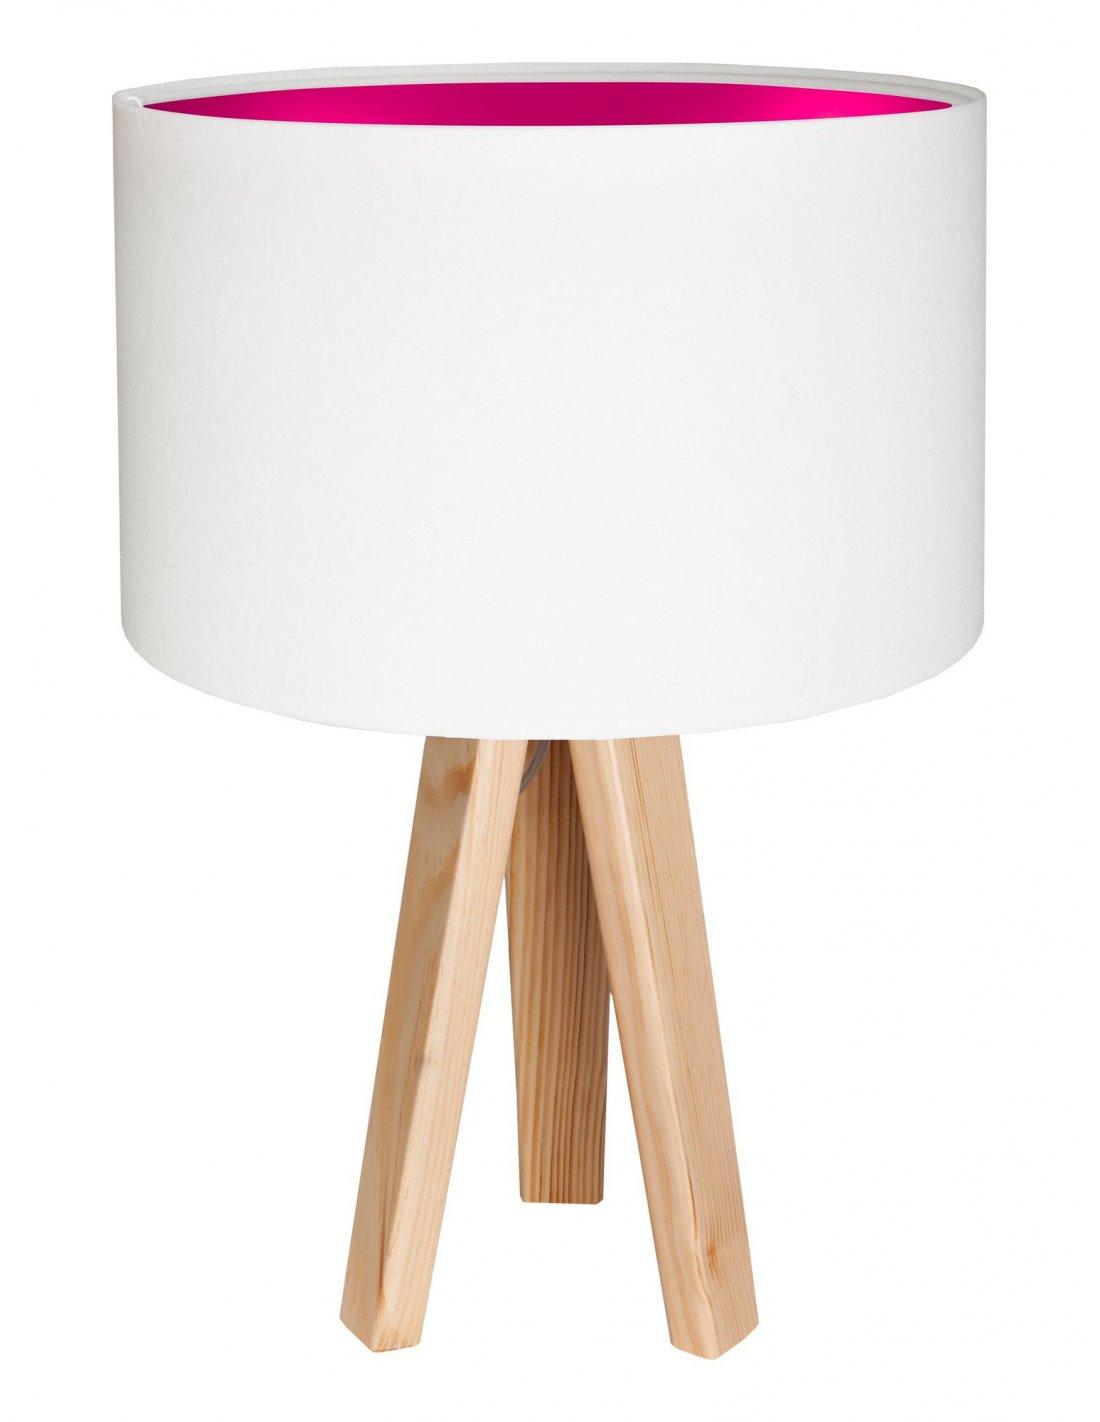 Blanc Intérieur Velours Avec Koncept Lampe Chevet RoseBps De Kids m80ONnwv